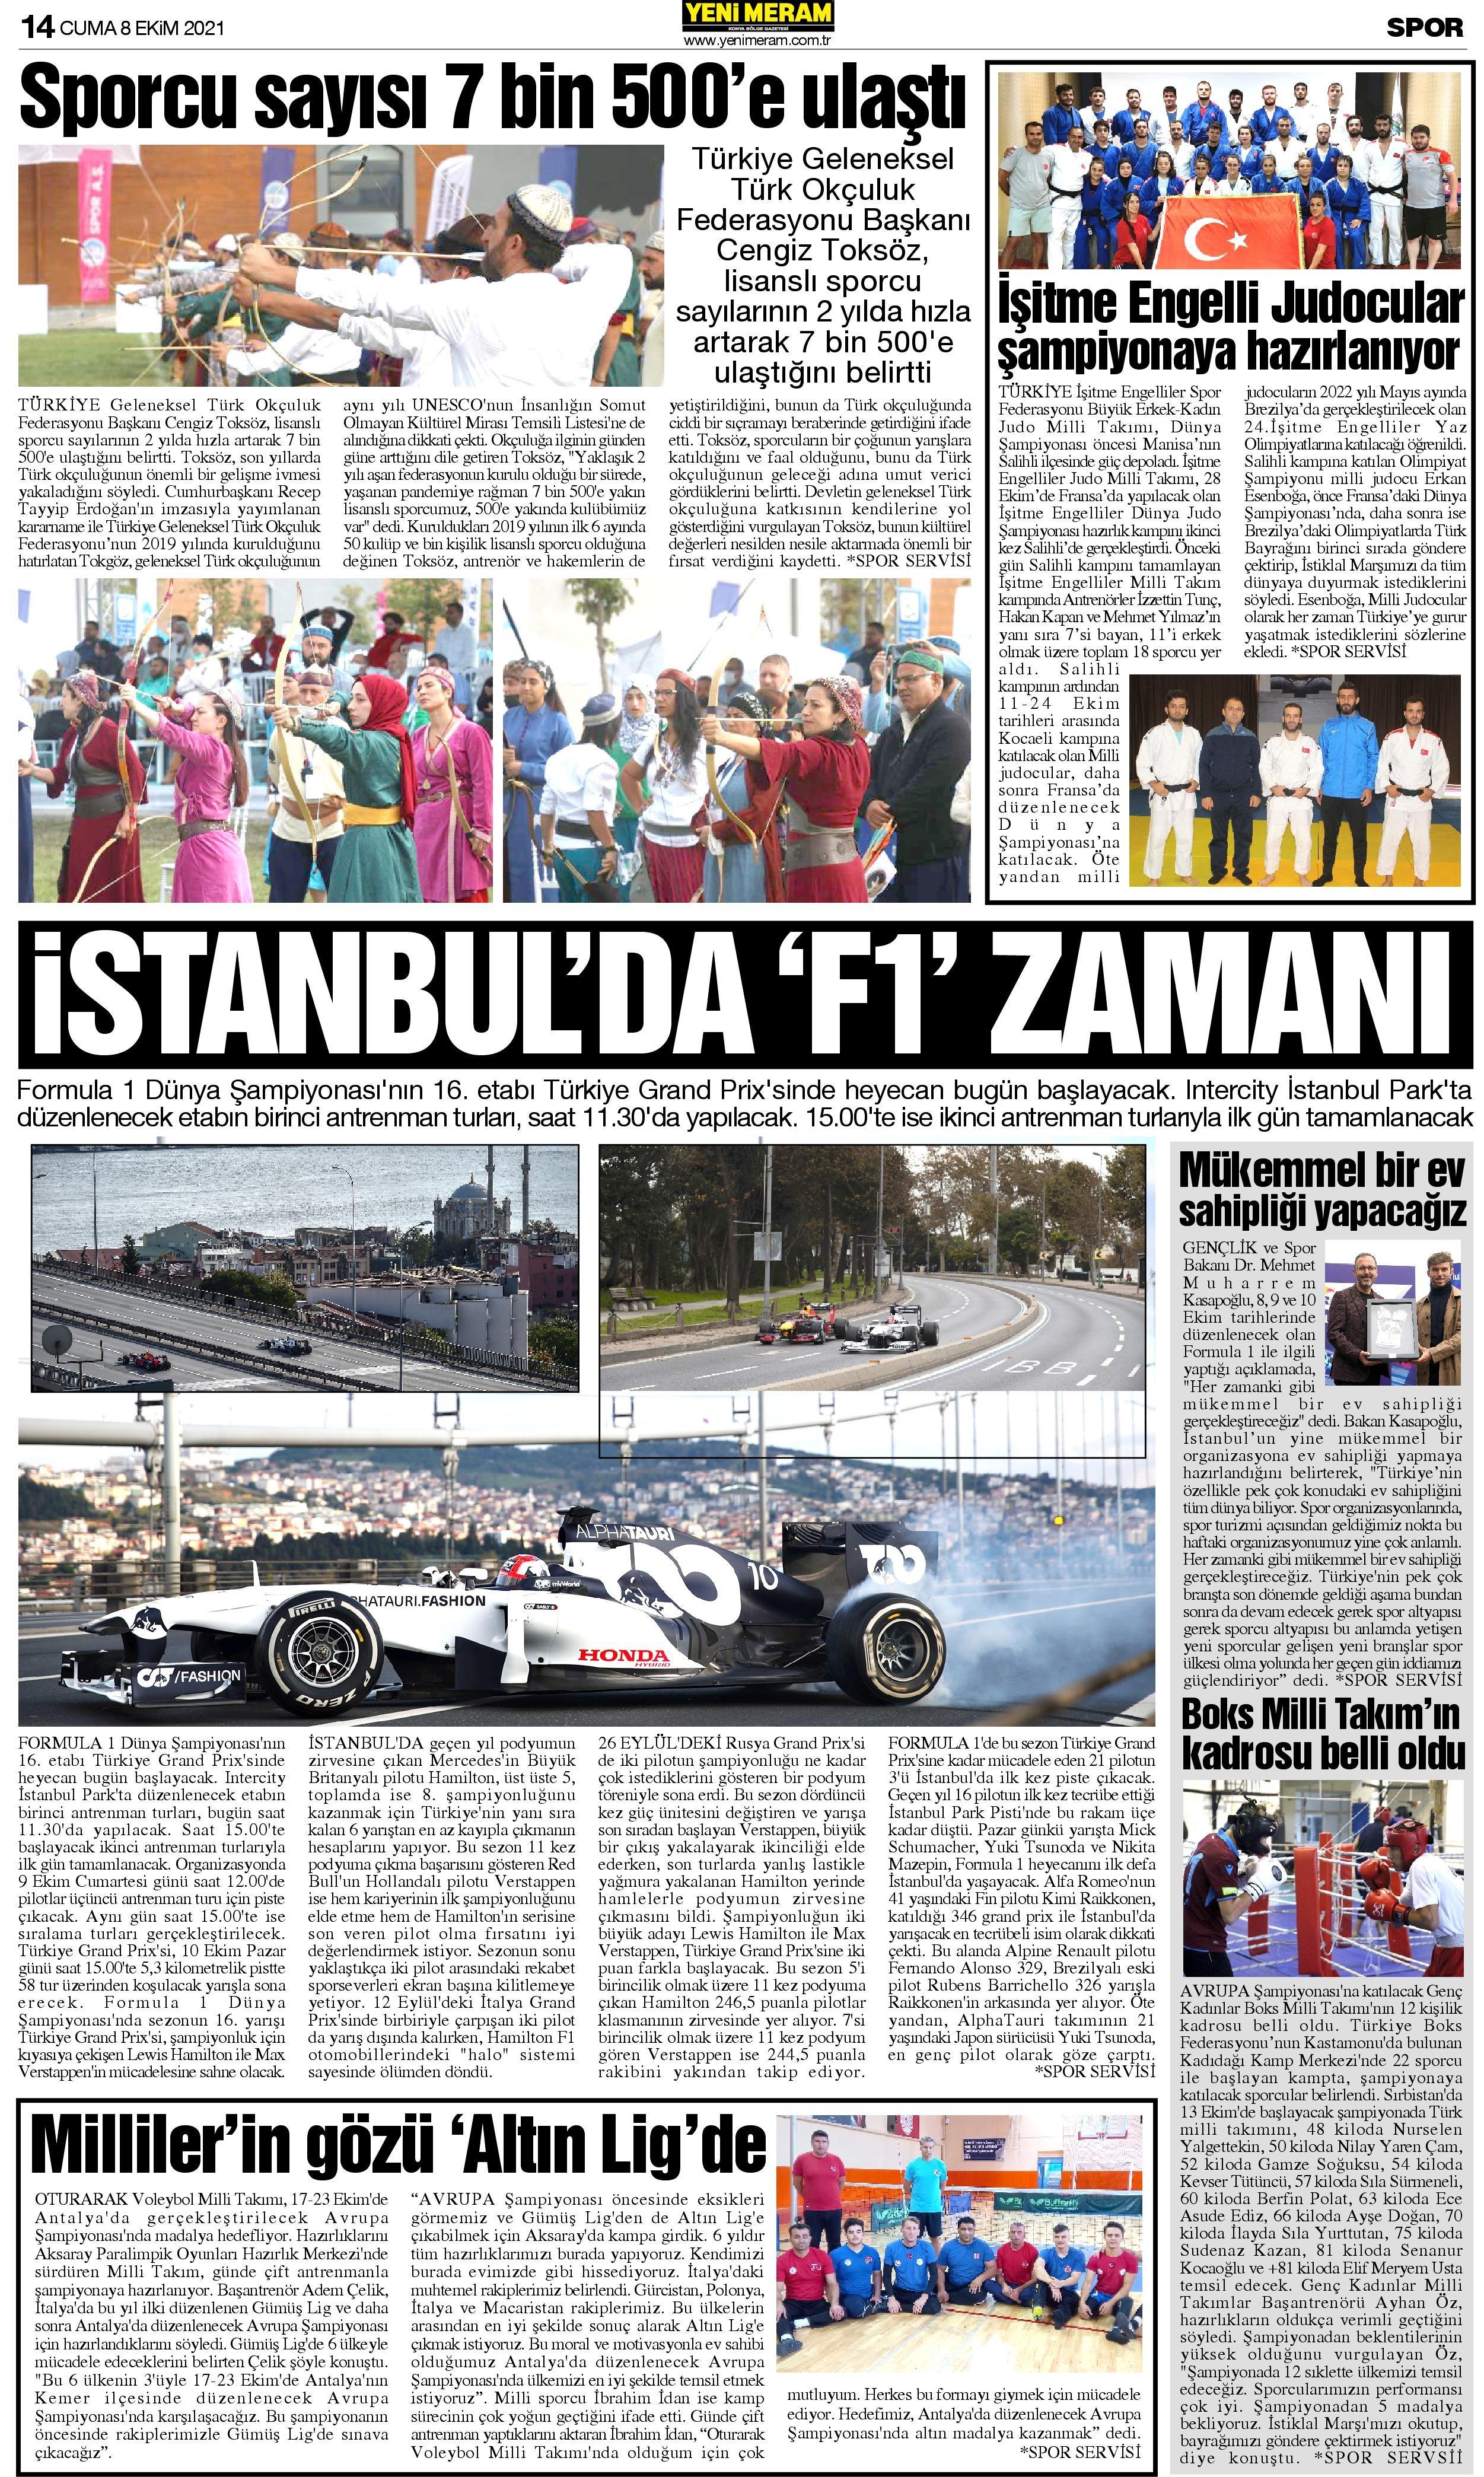 8 Ekim 2021 Yeni Meram Gazetesi